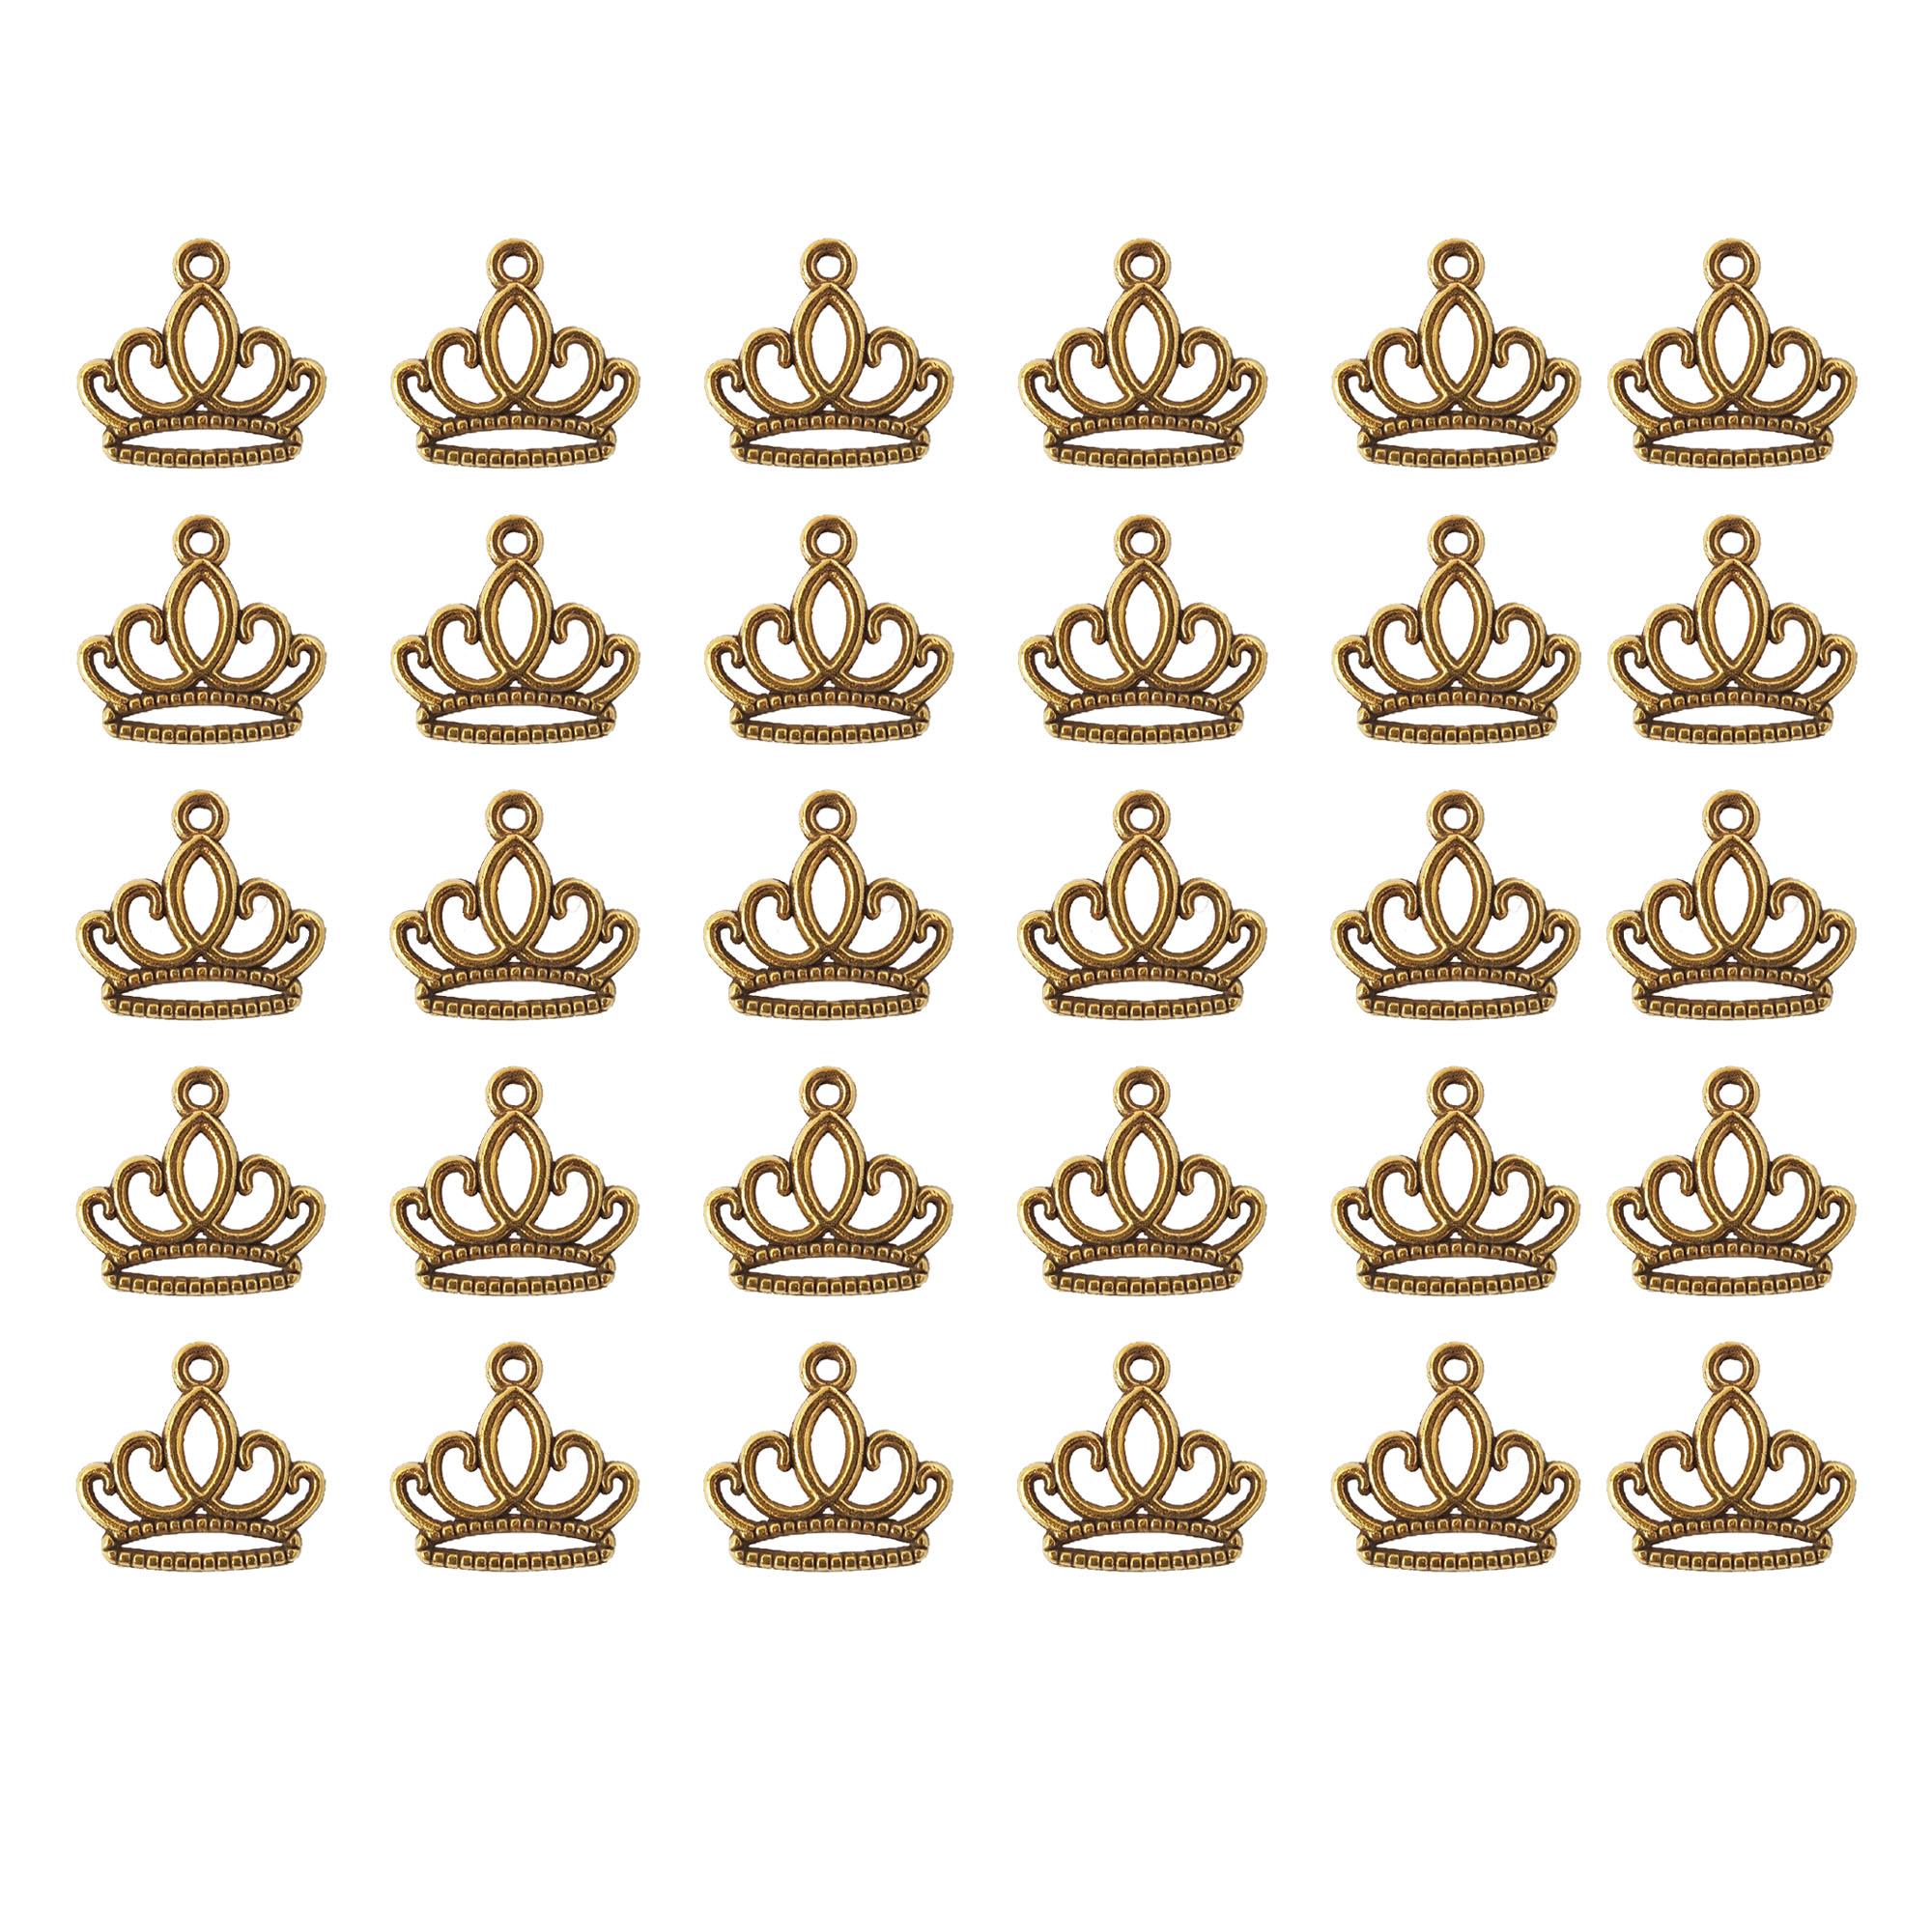 آویز دستبند نمدیکا طرح تاج مدل کویین بسته ۳۰ عددی